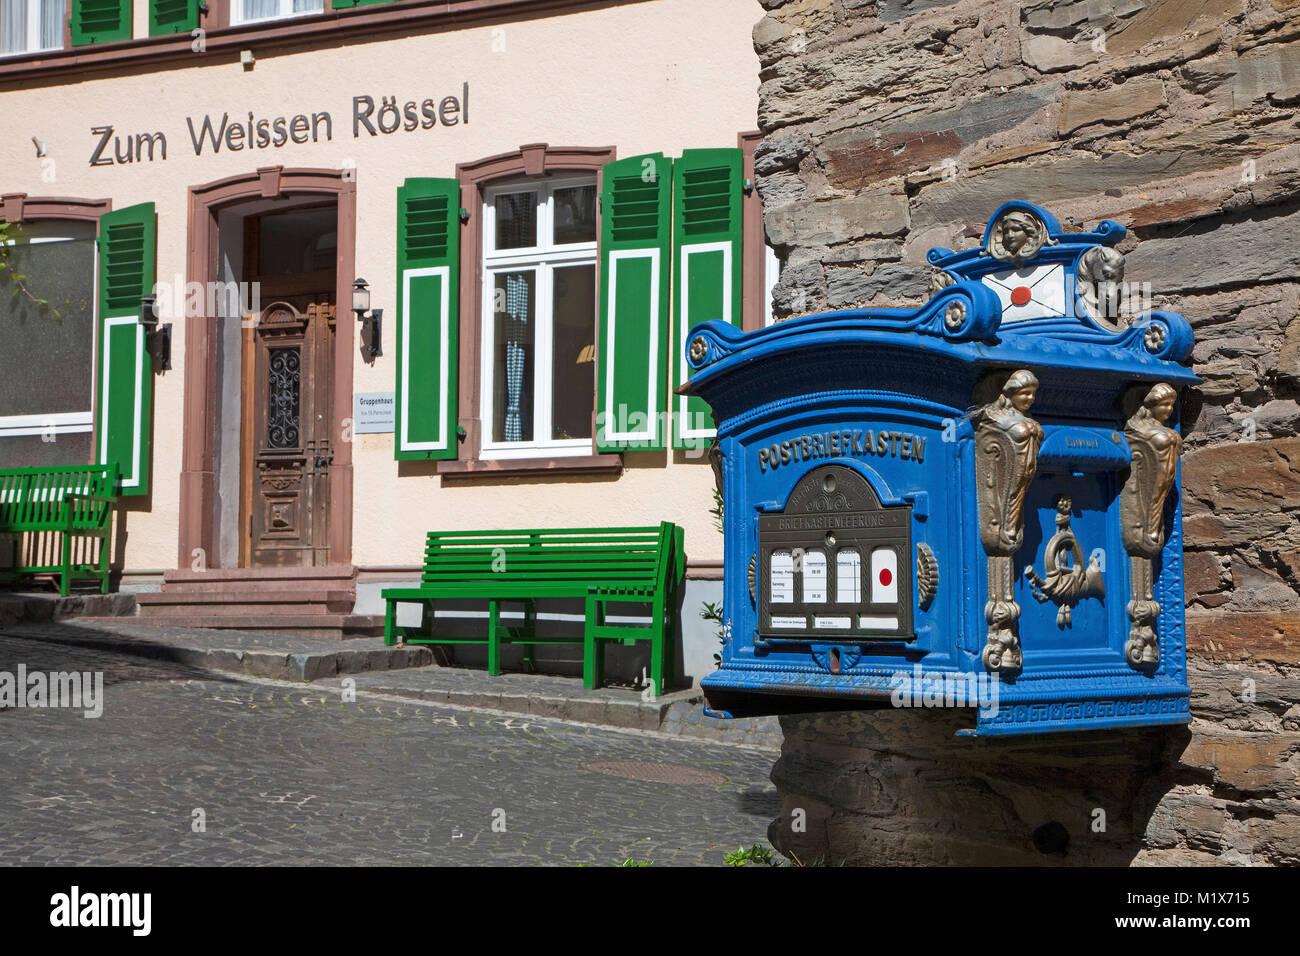 Boîte aux lettres nostalgique au village viticole de Uerzig, Moselle, Rhénanie-Palatinat, Allemagne, Europe Photo Stock